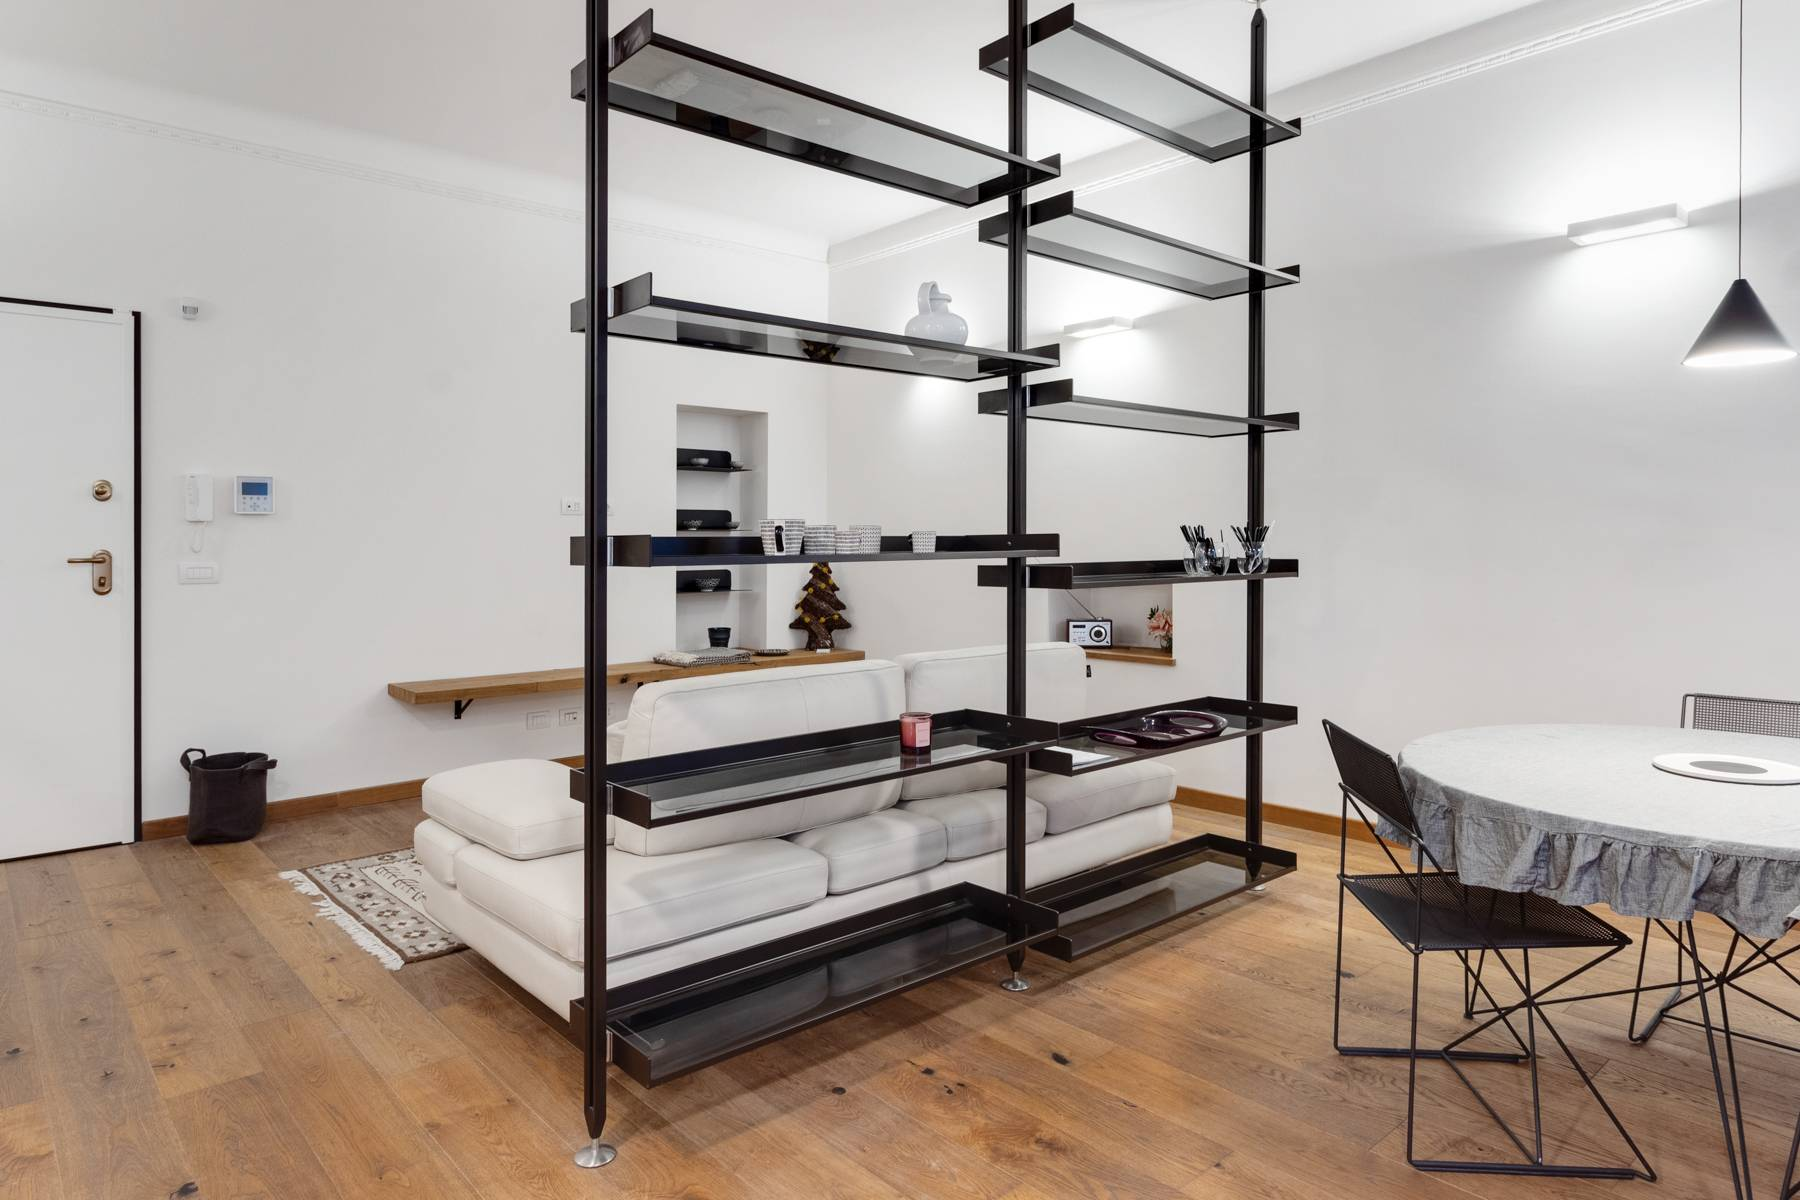 Appartamento in Affitto a Torino: 3 locali, 86 mq - Foto 3